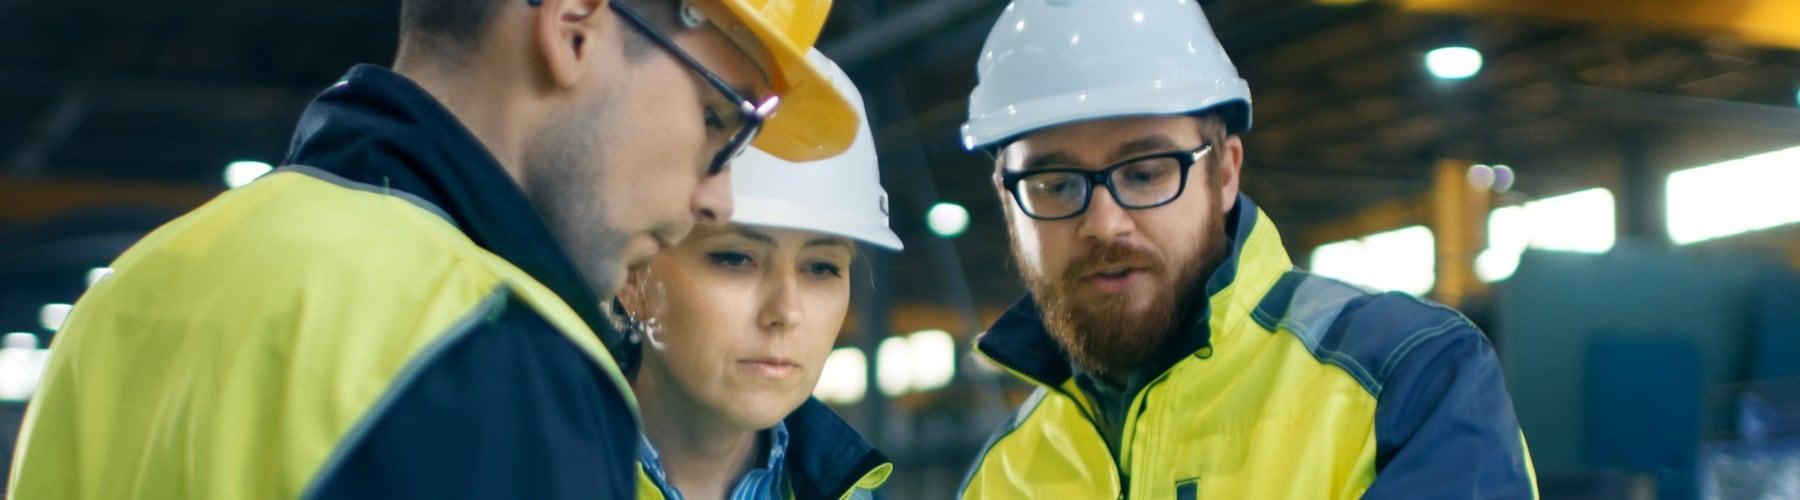 Kontakt - Jan Dornbach - Dornbach Instandhaltung - präventive industrielle Instandhaltung